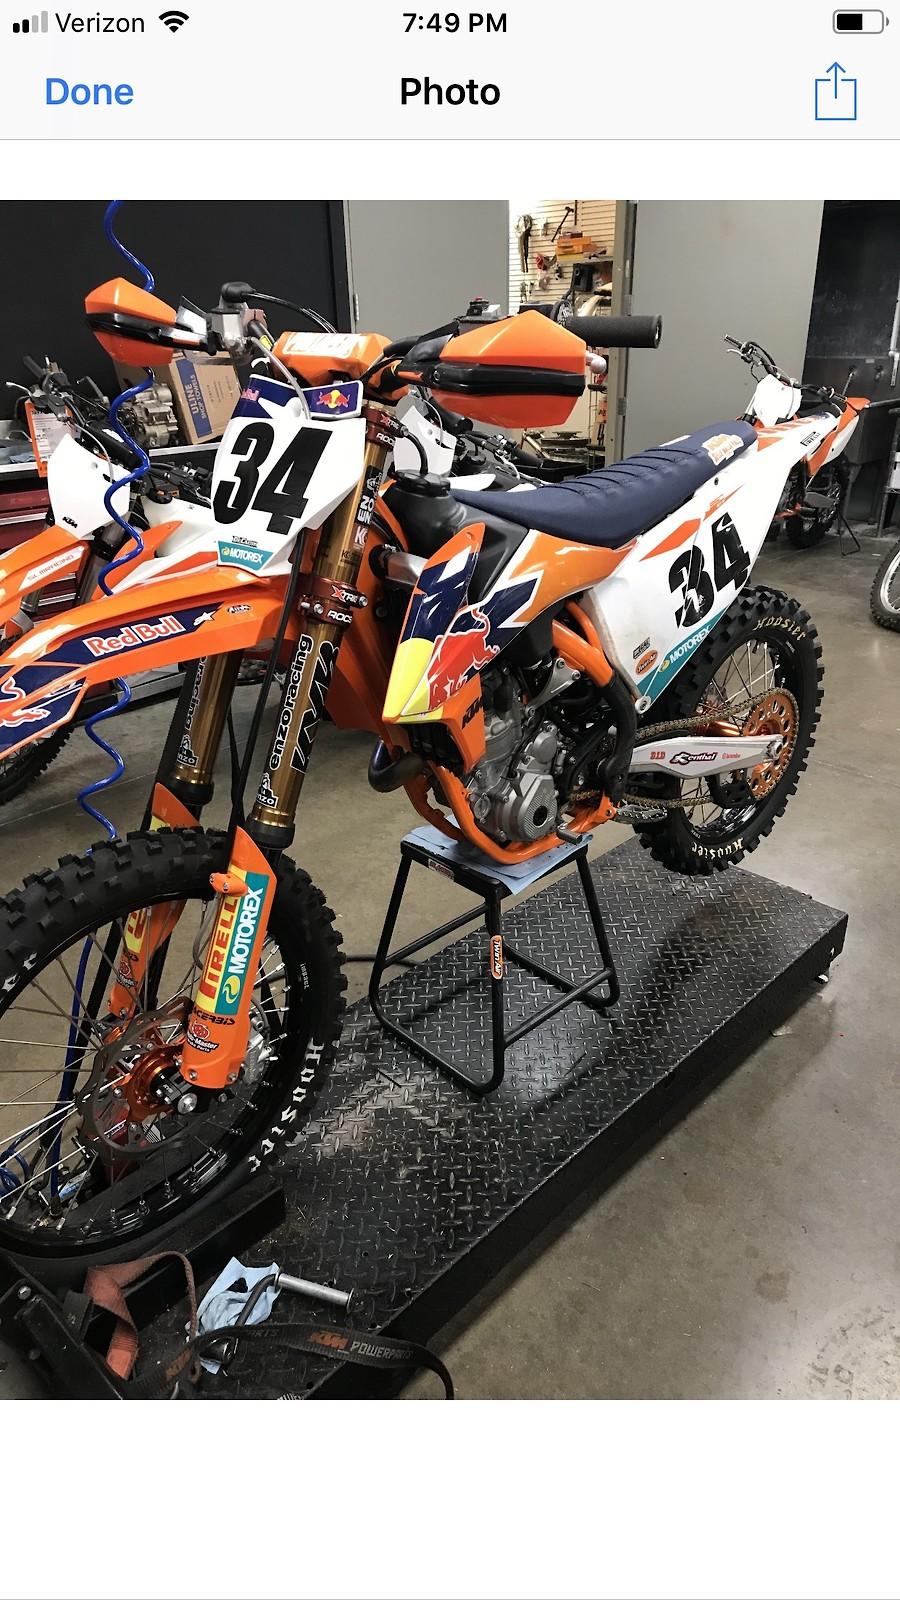 BB92B7CE-FE67-40EA-BF65-7A4D5E12C57F - Denn700 - Motocross Pictures - Vital MX